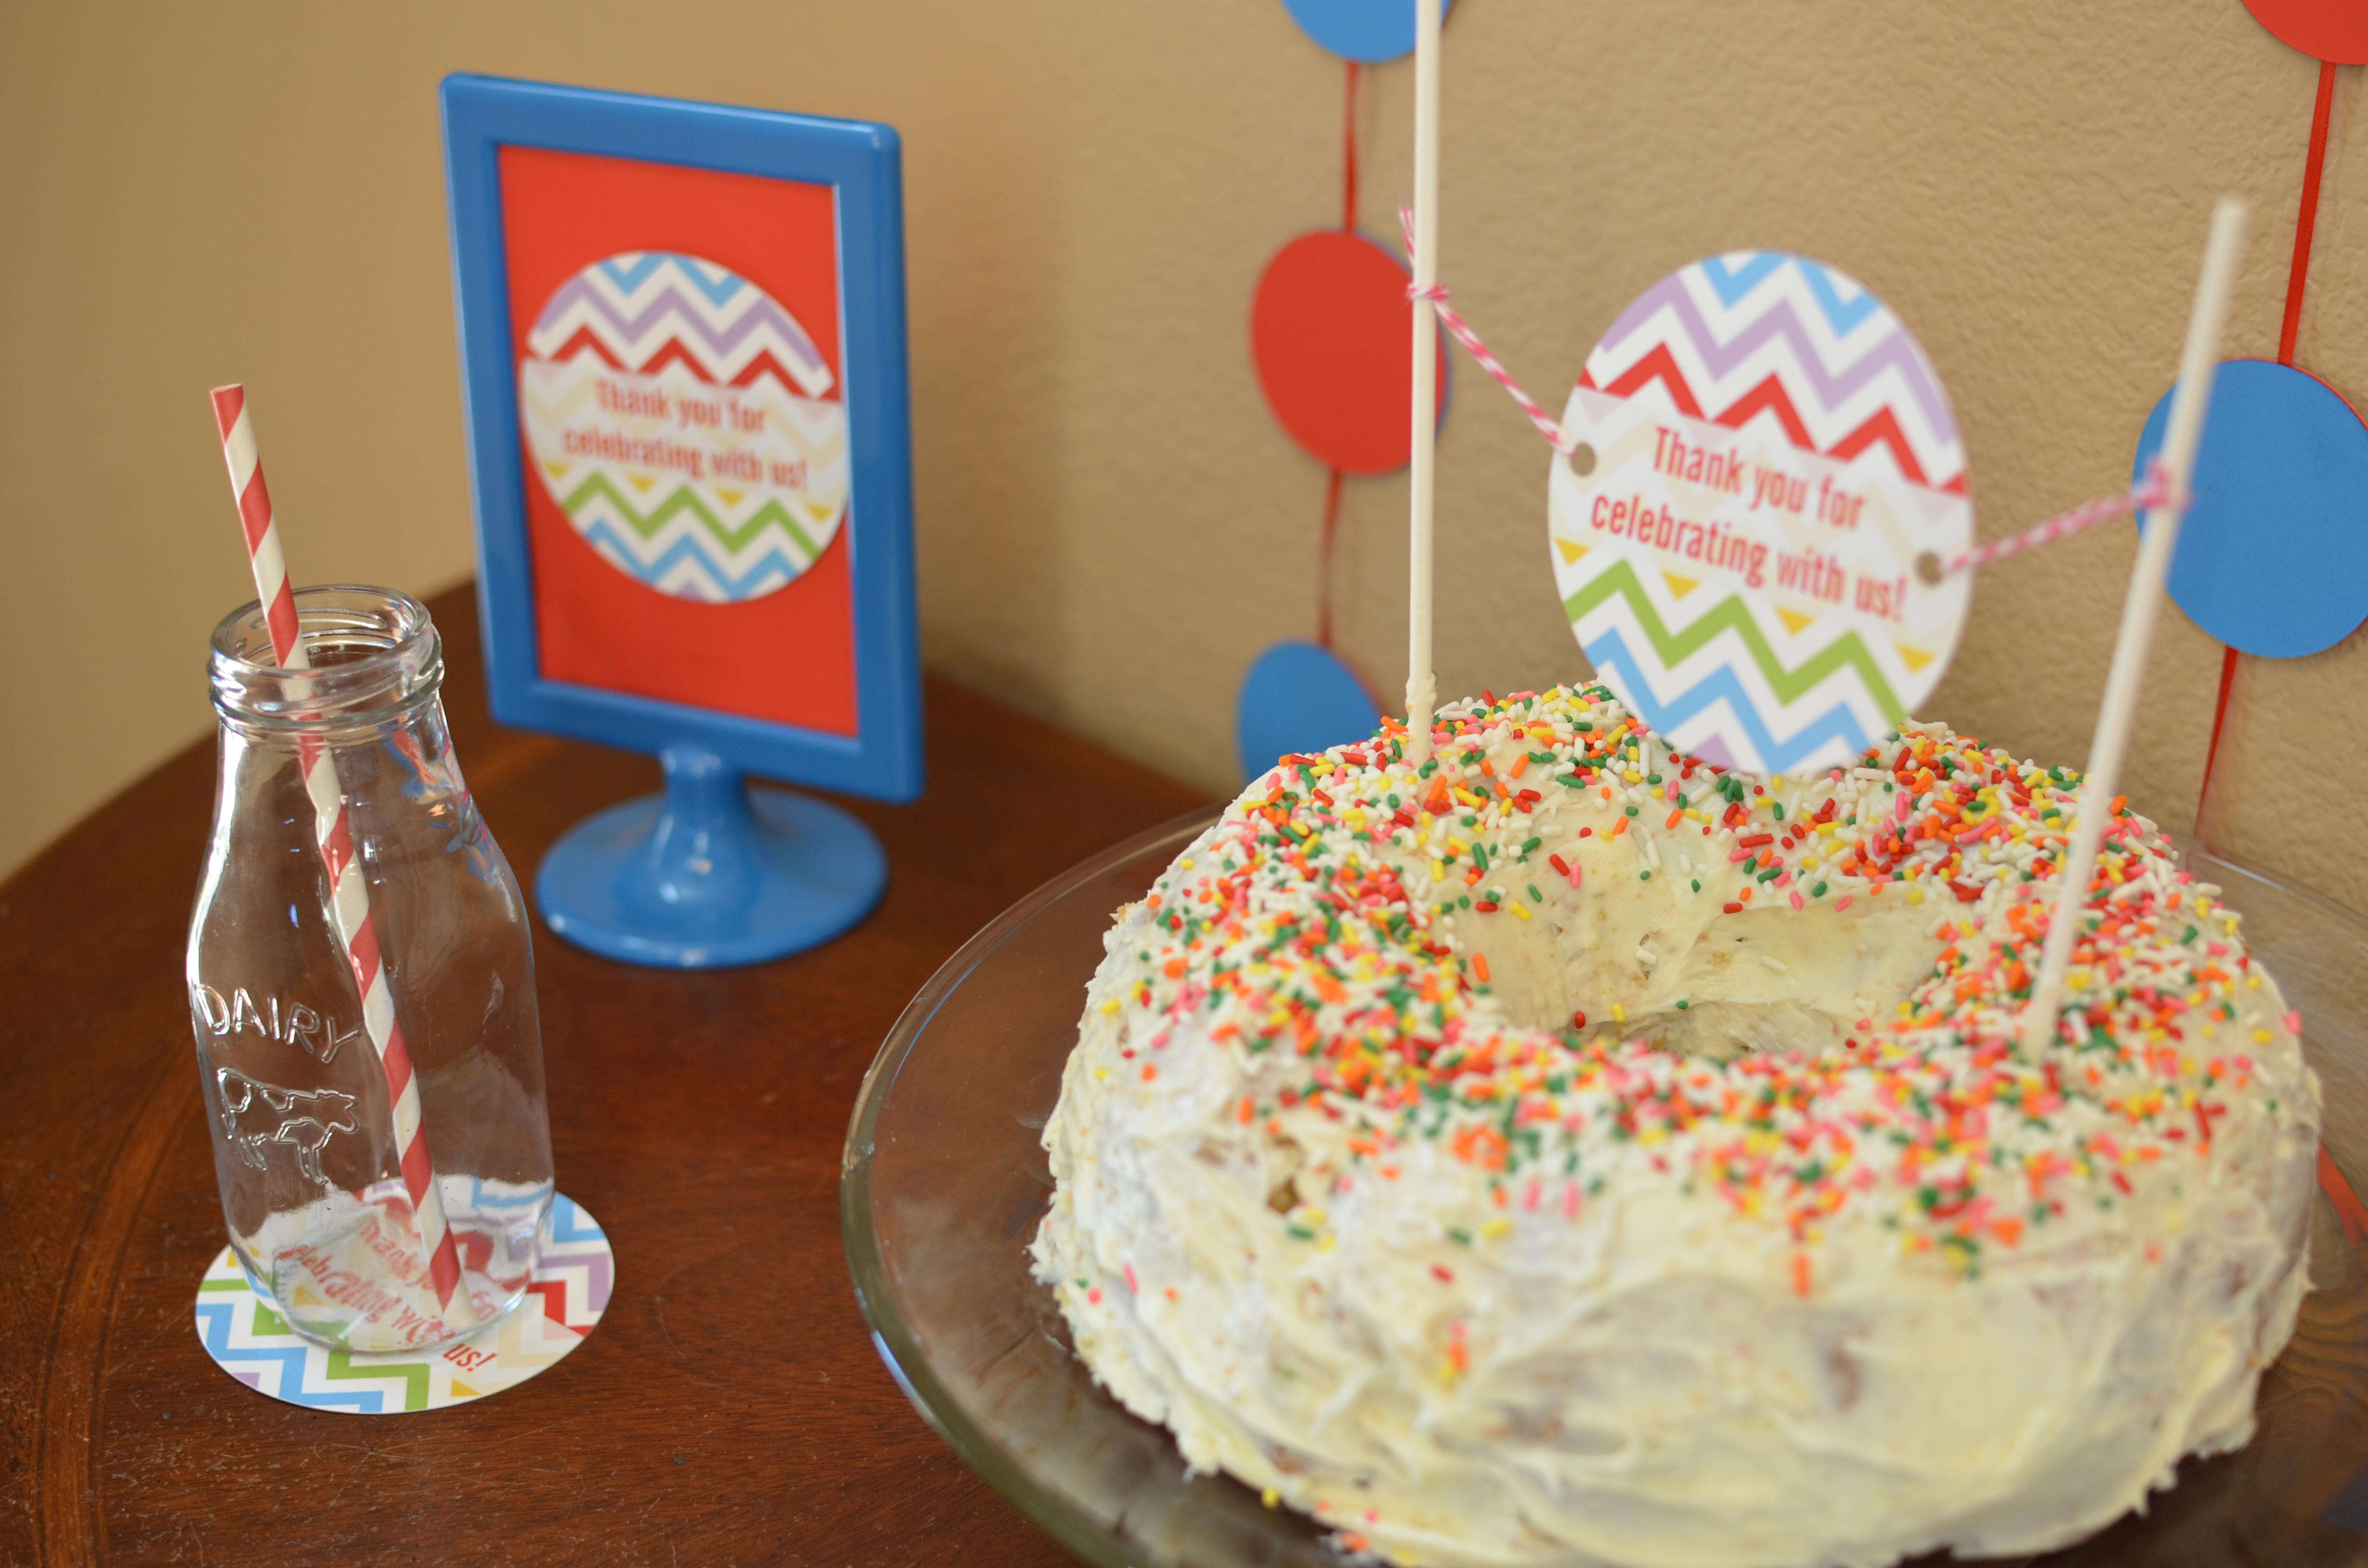 Decorating Bundt Cake Ideas  Decoration Image Idea - Bundt birthday cake